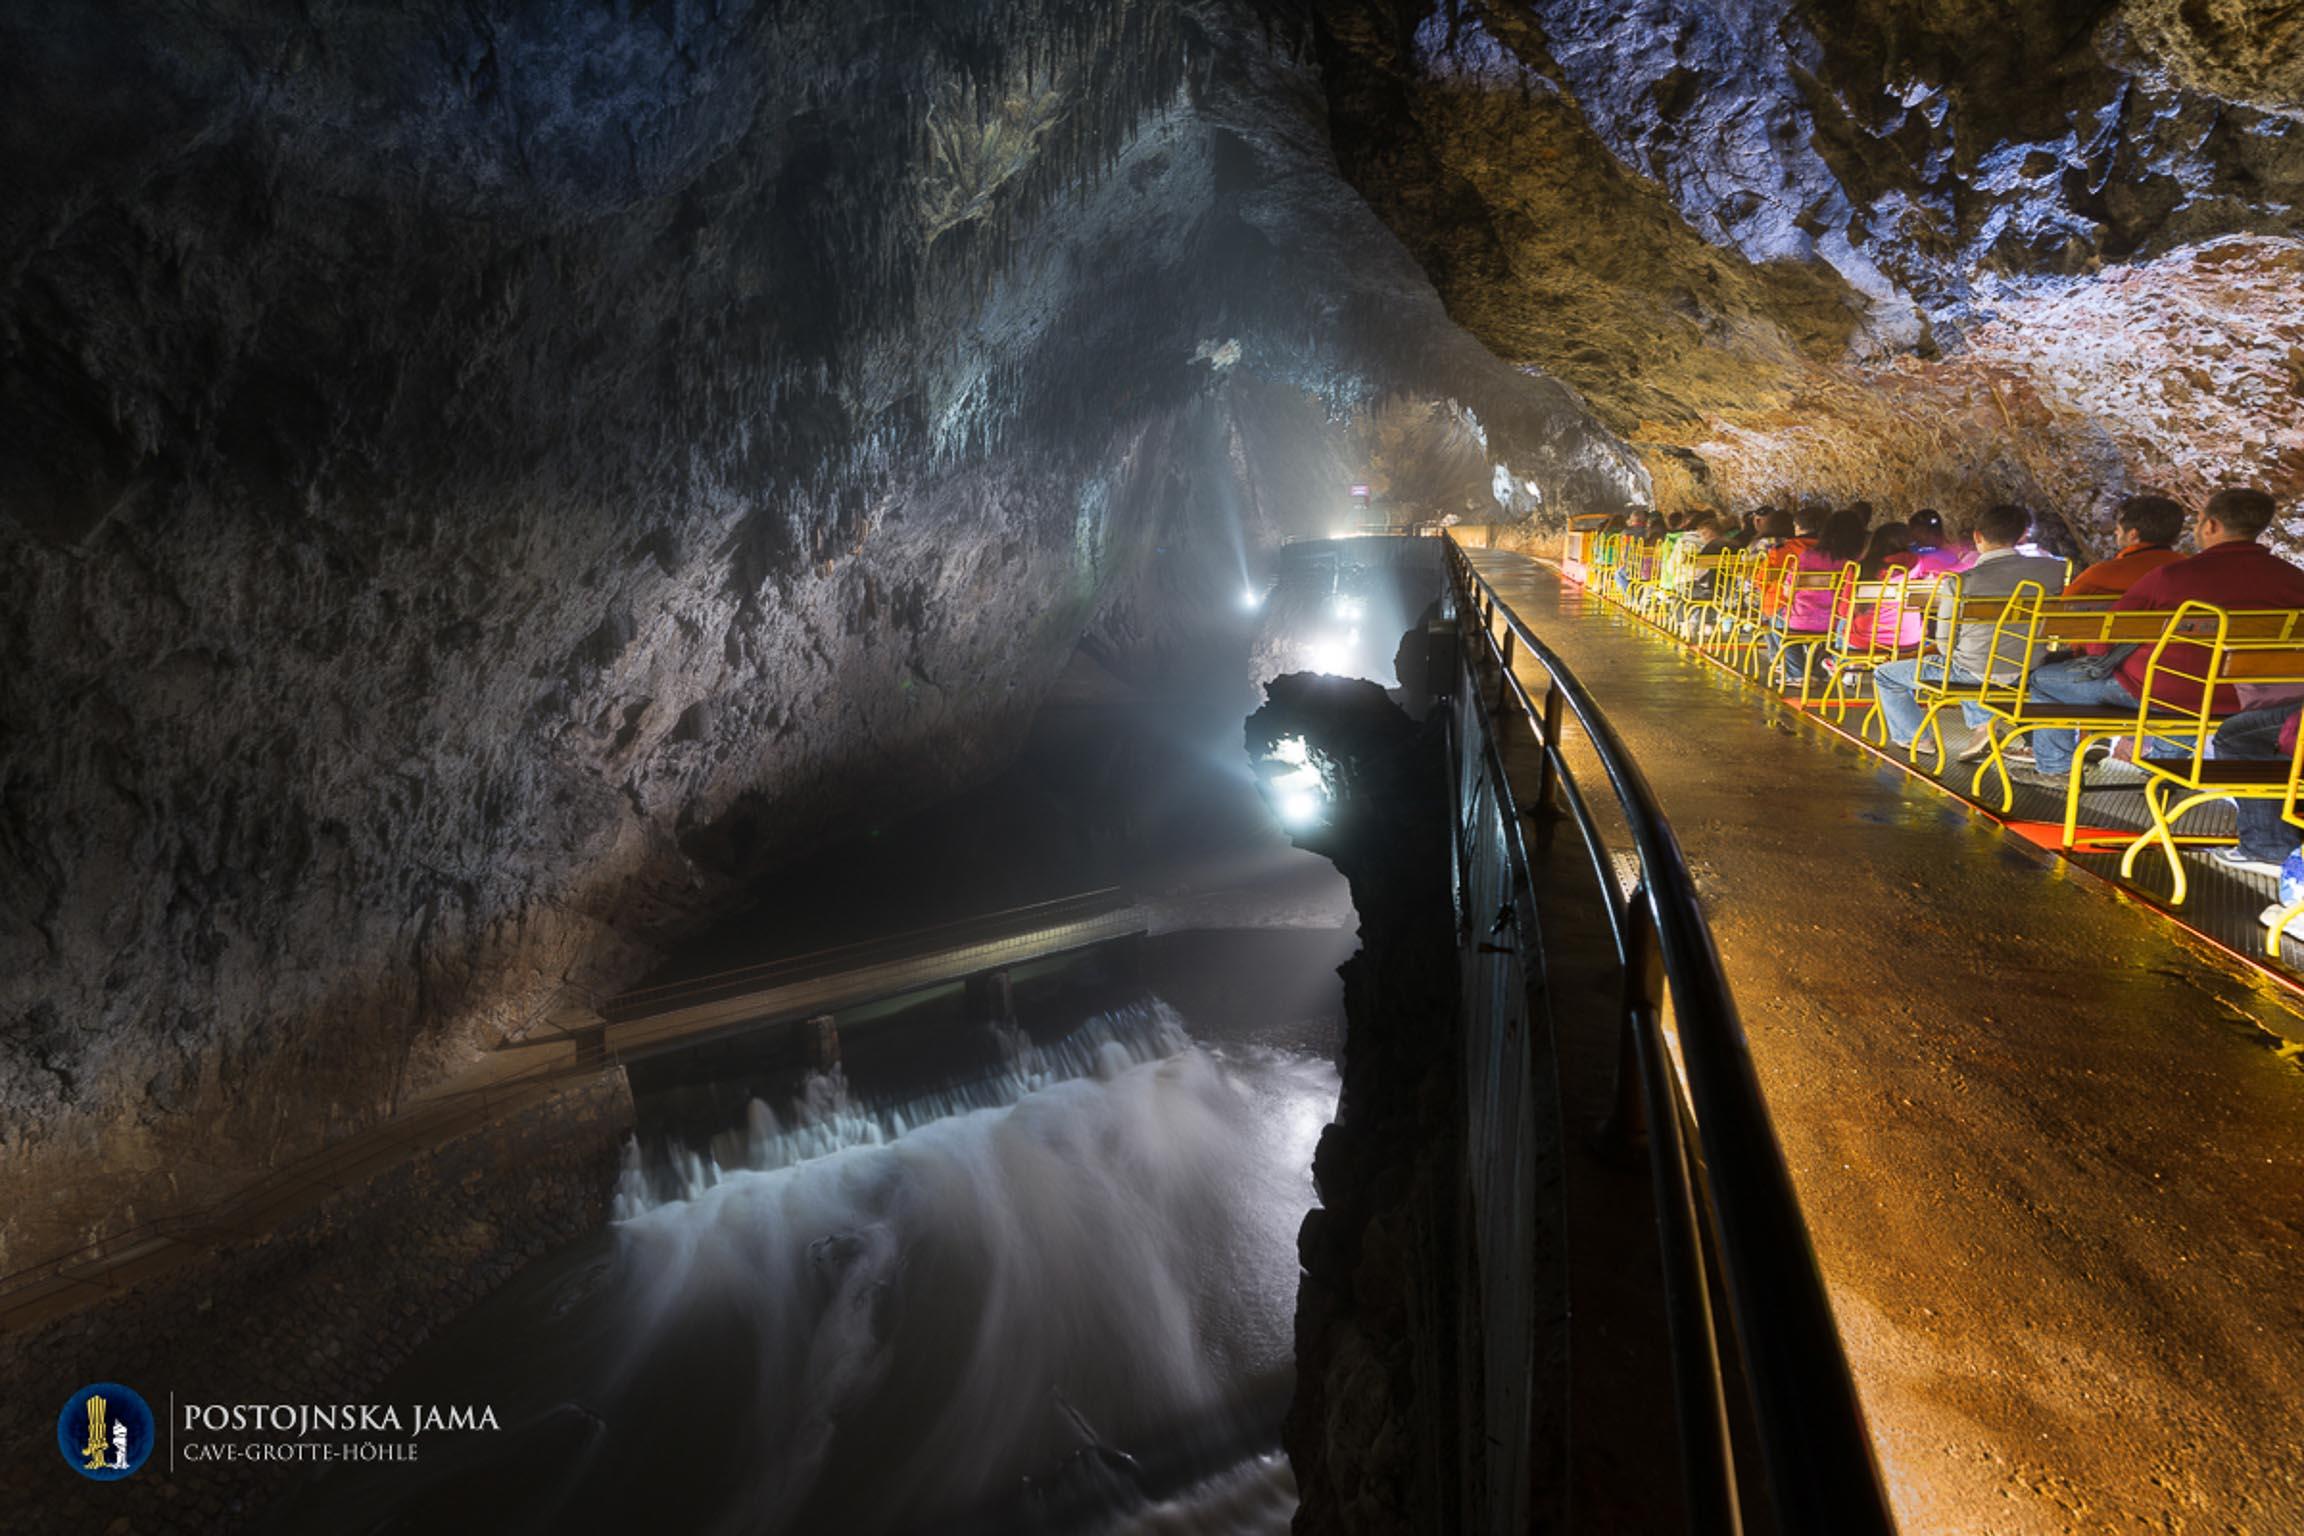 Termine della corsa del trenino presso il fiume sotterraneo Piuca